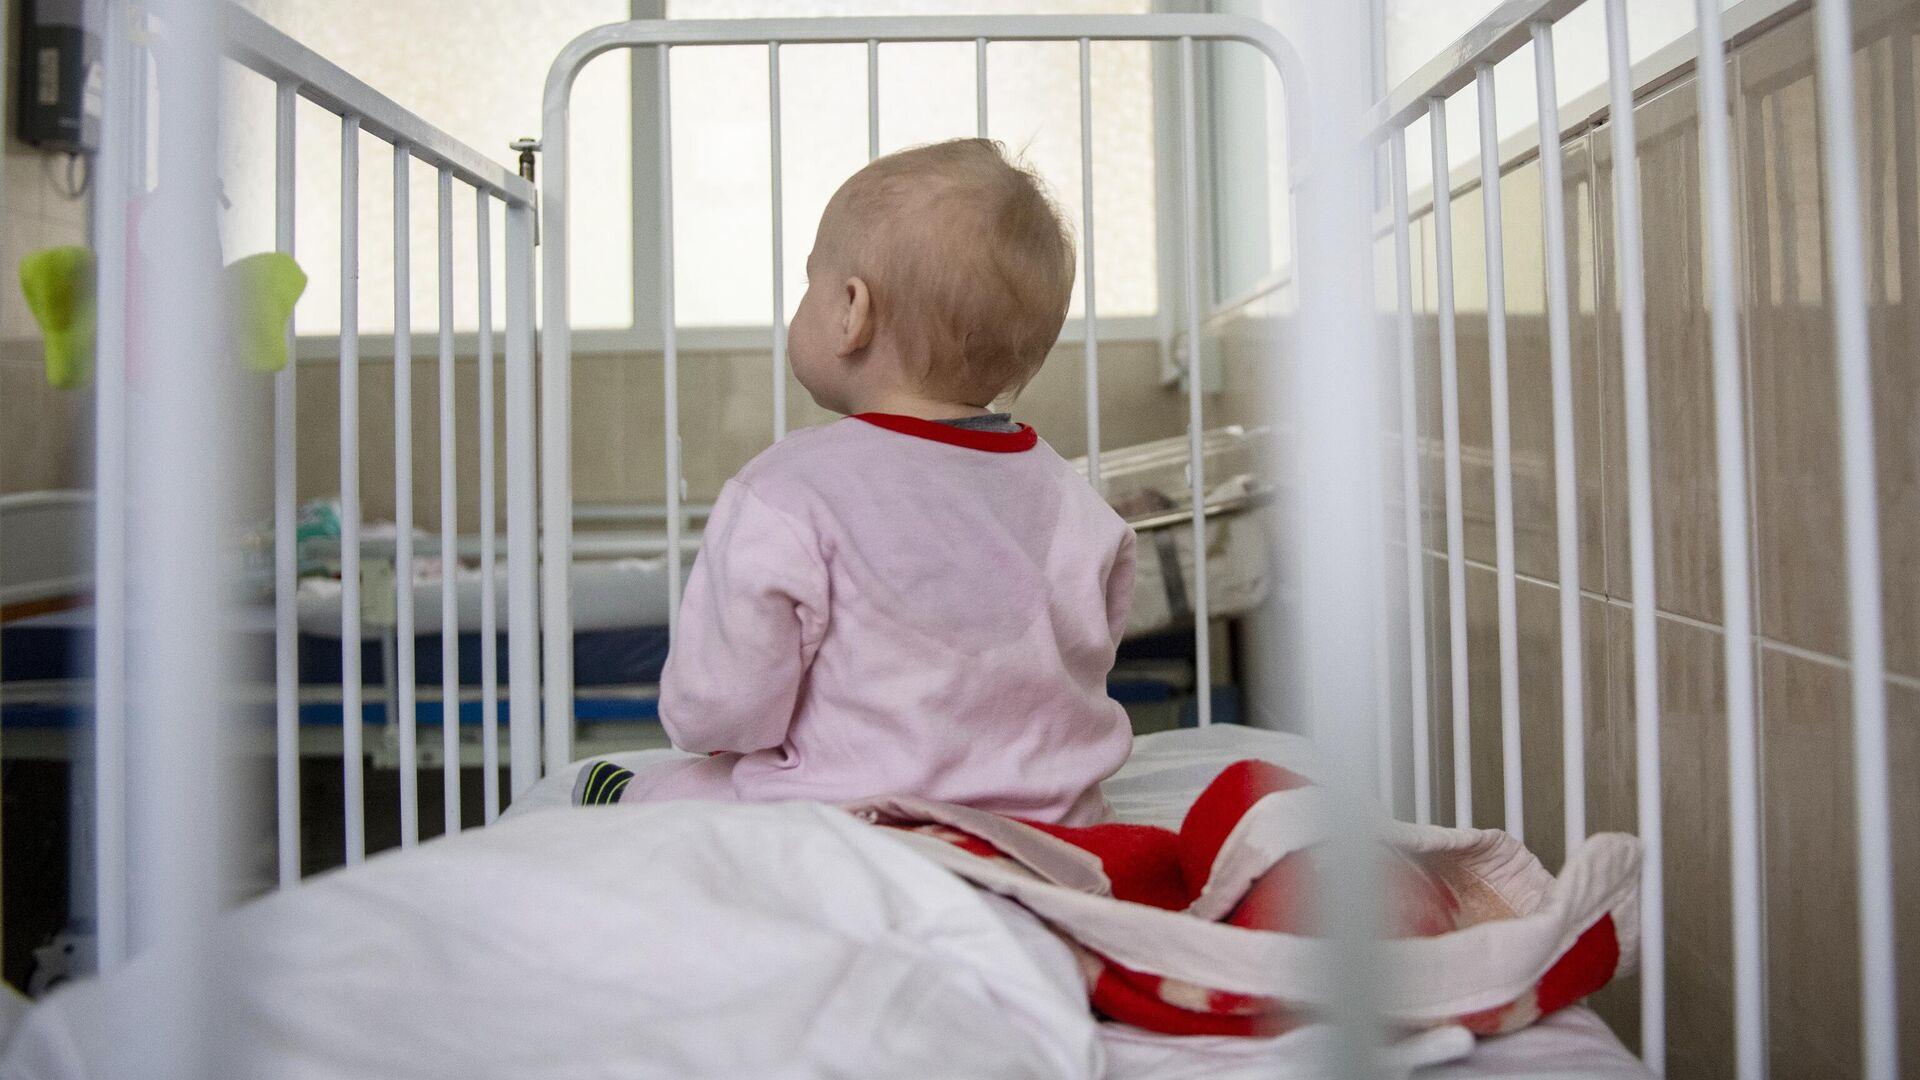 Ребенок в больнице - РИА Новости, 1920, 08.09.2020